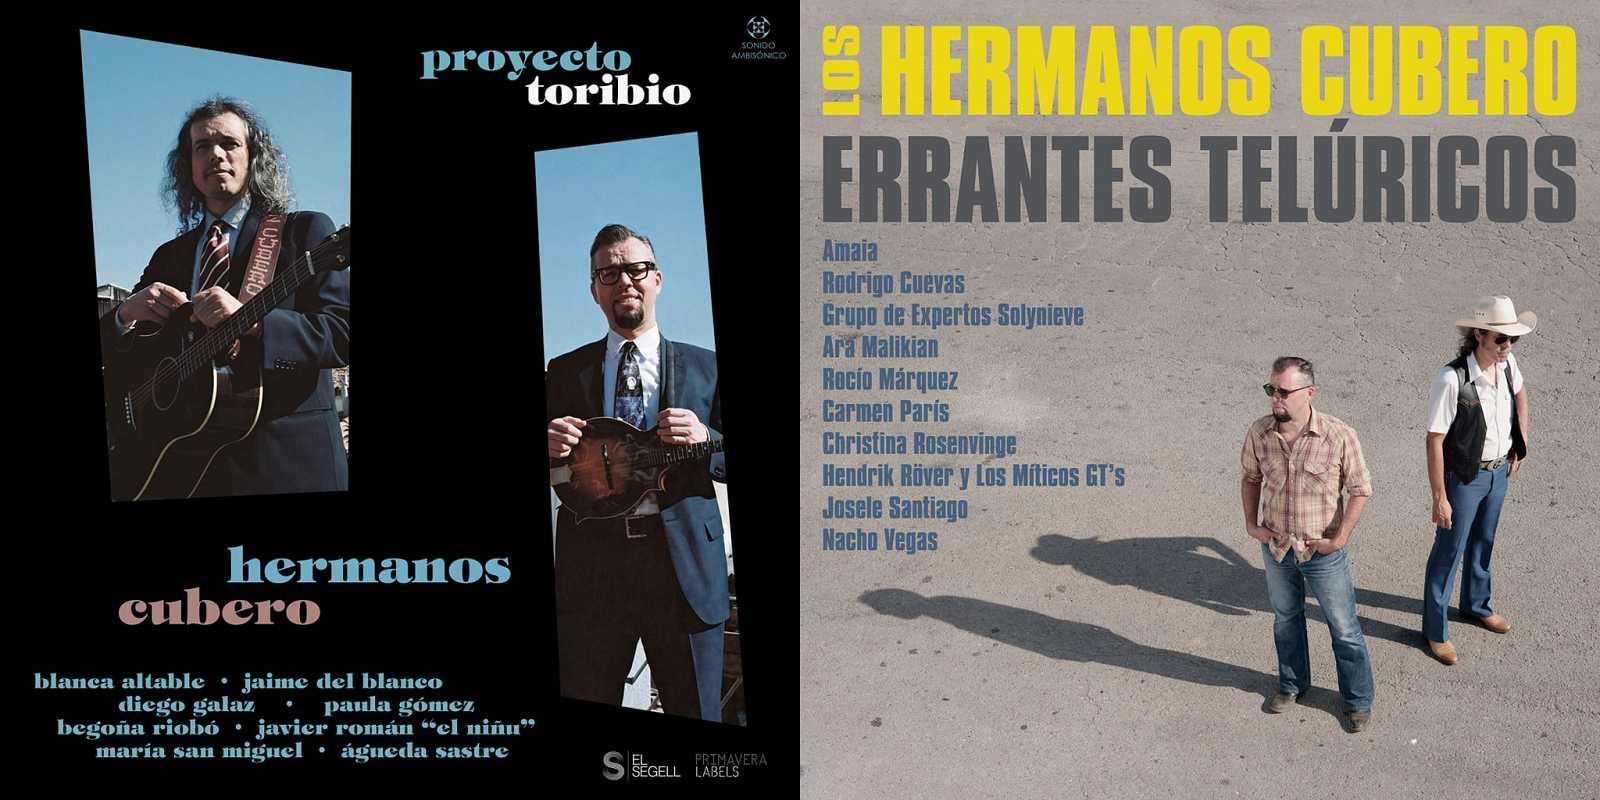 Tarataña - Fin de semana Cubero, hoy: Proyecto Toribio - 20/02/21 - escuchar ahora